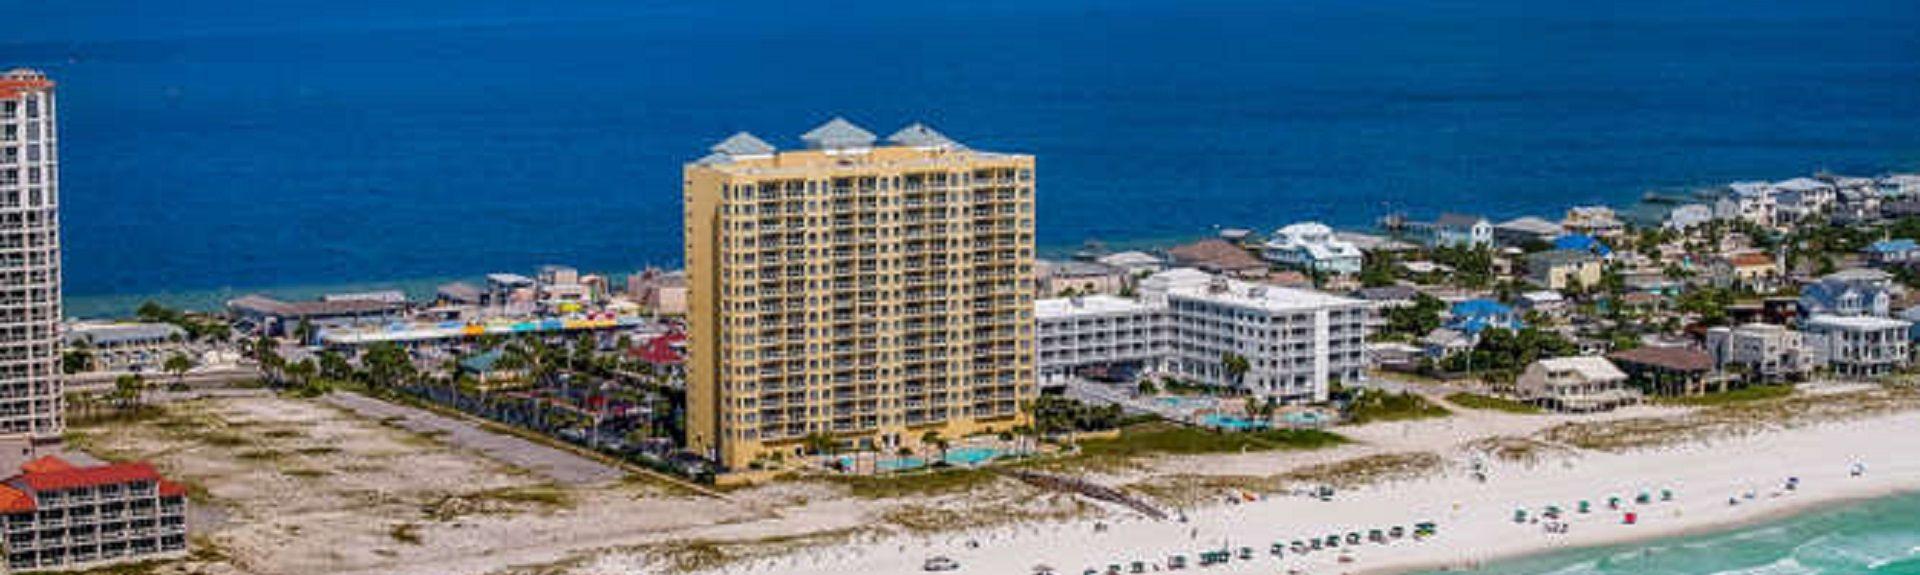 Emerald Isle Resort Condominiums, Pensacola Beach, Florida, United States of America